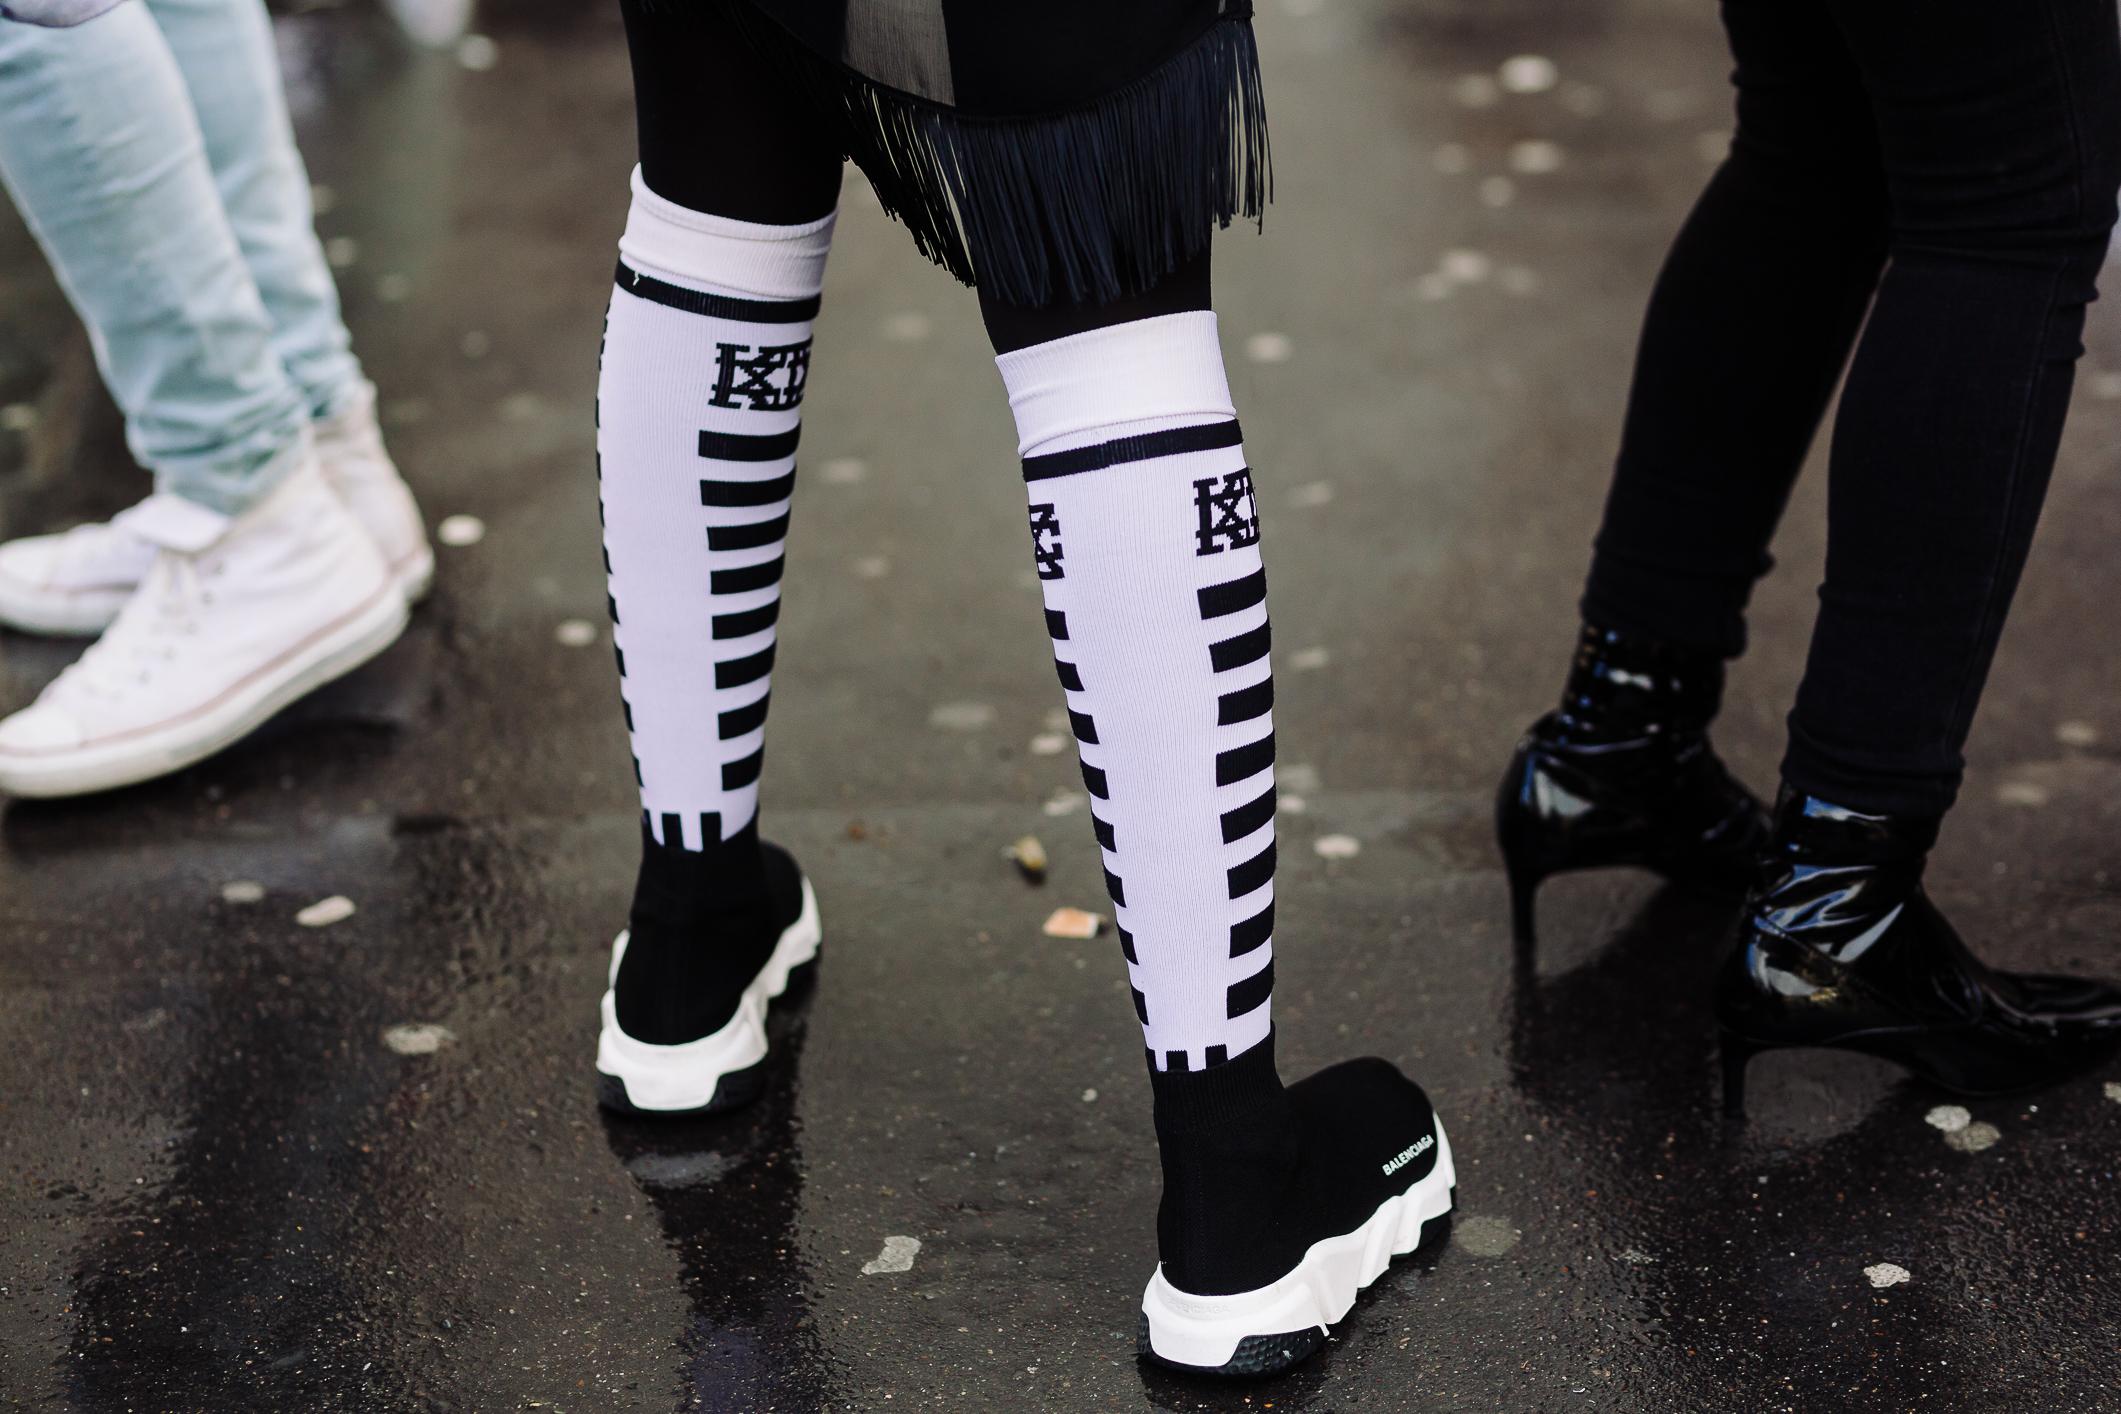 Một trong những đôi giàySneaker chán chạy của hãng Balenciaga